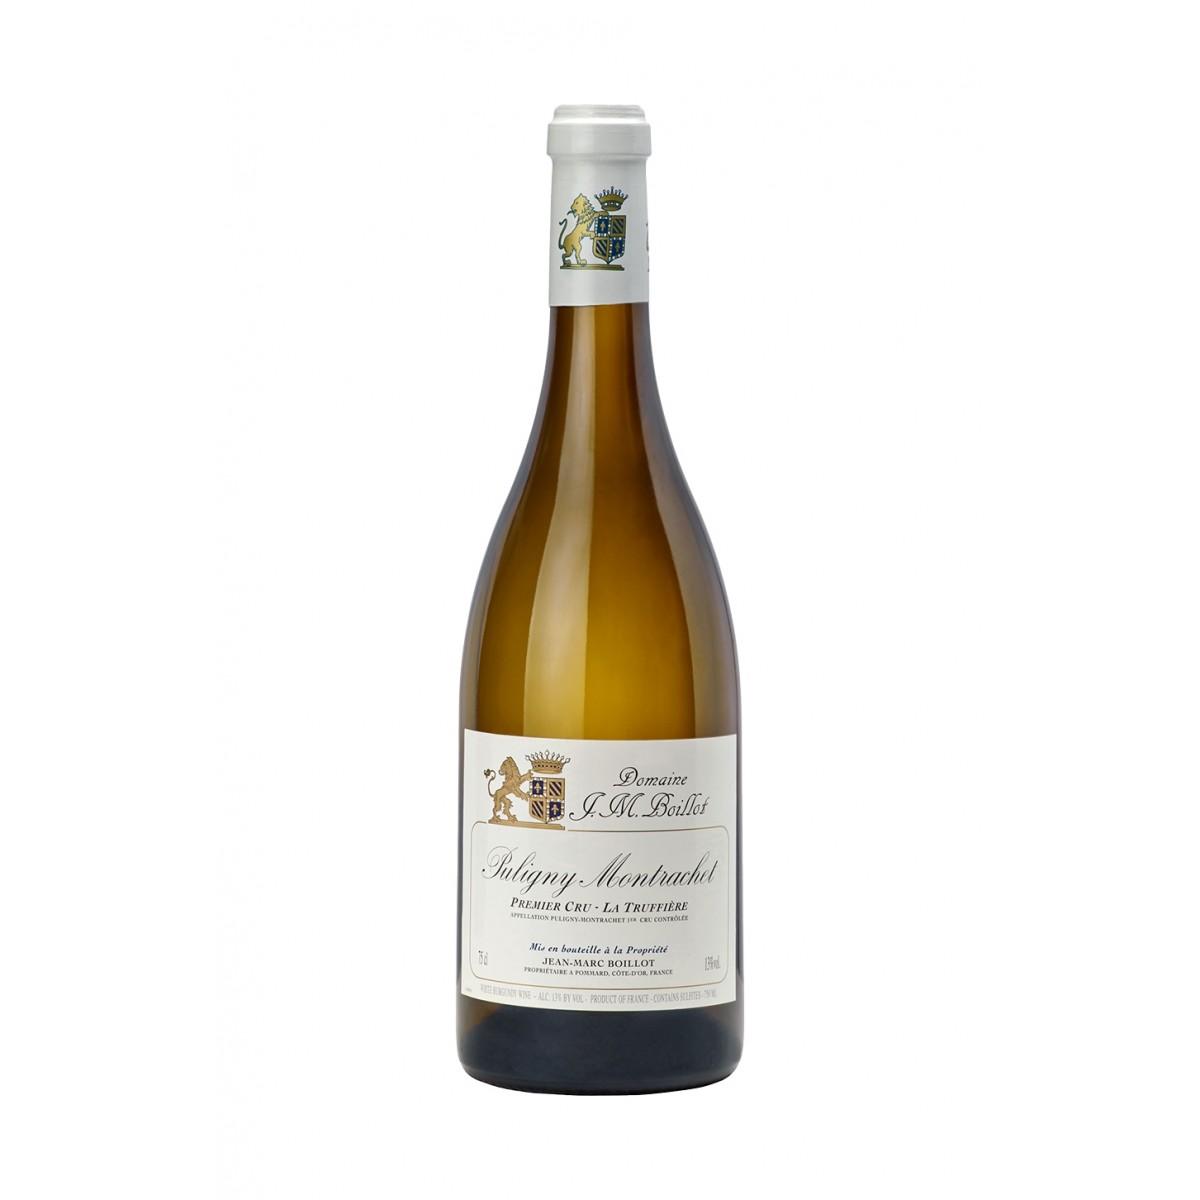 Puligny-Montrachet 1er Cru La Truffieres 2017 - Domaine Jean Marc Boillot